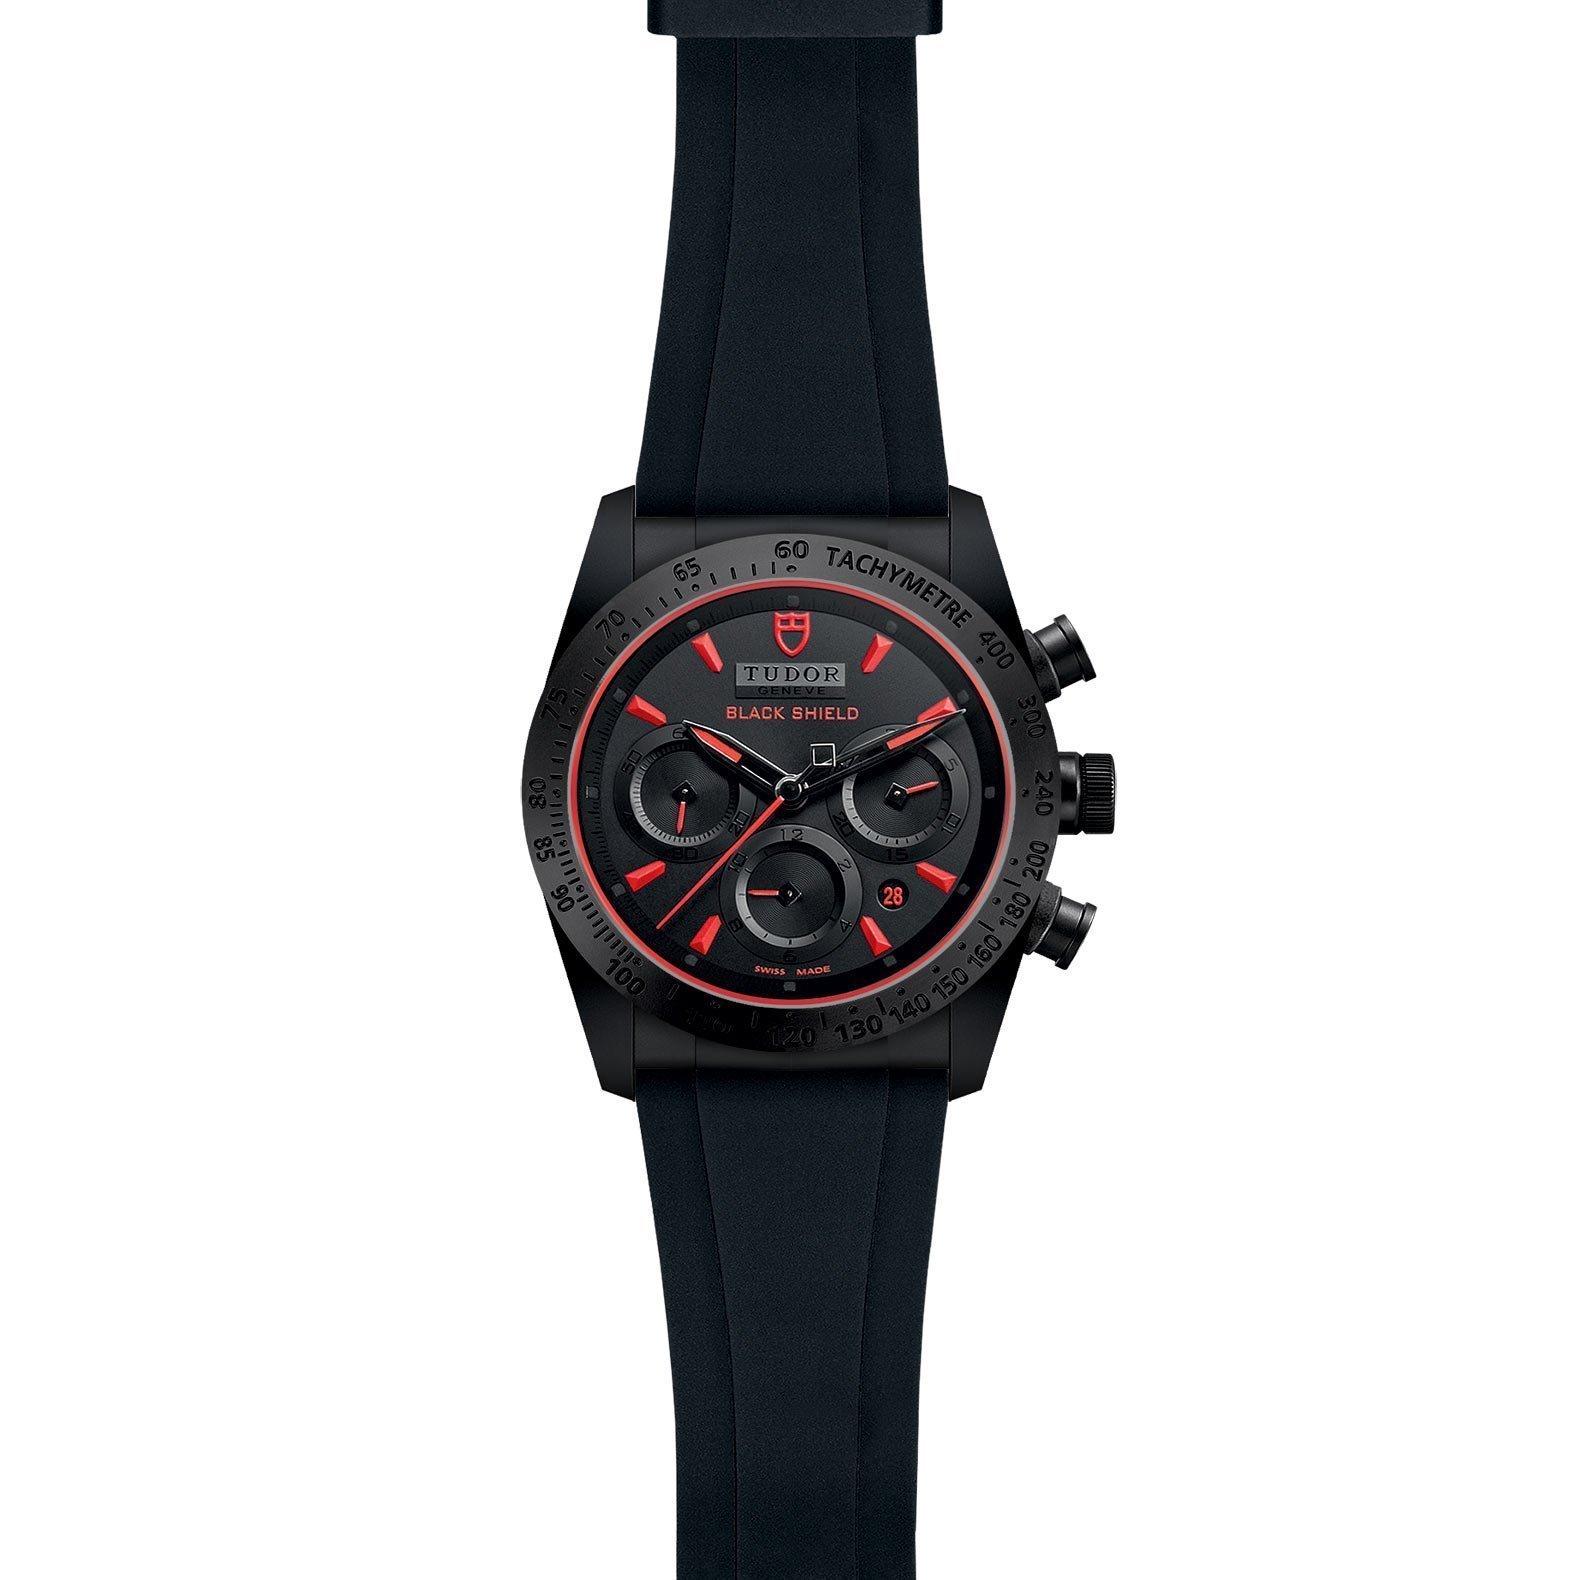 Montre TUDOR Fastrider Black Shield boîtier en céramique, 42mm, bracelet en caoutchouc noir vue 2